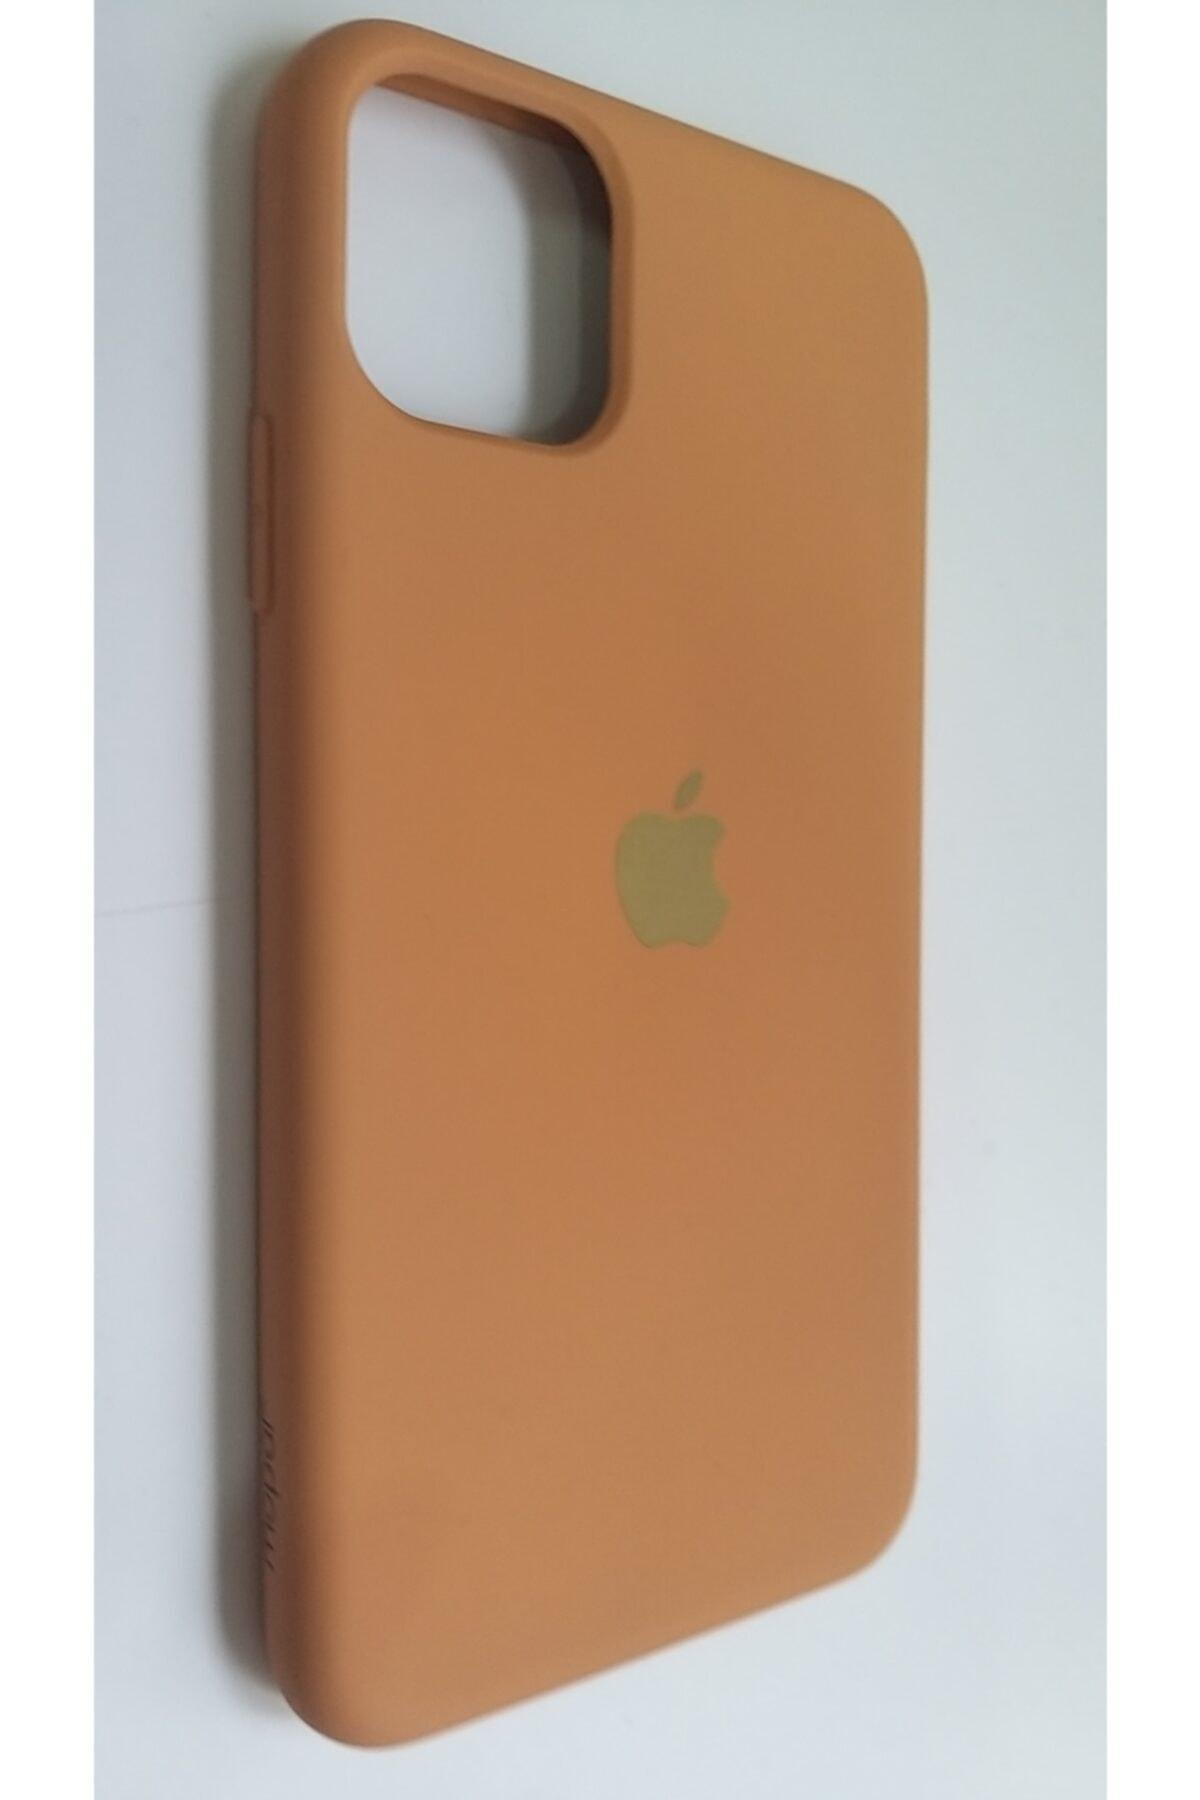 Pirok Store Iphone 11 Promax Taba Rengi Lansman Silikon Kılıf Içi Kadife Logolu 1